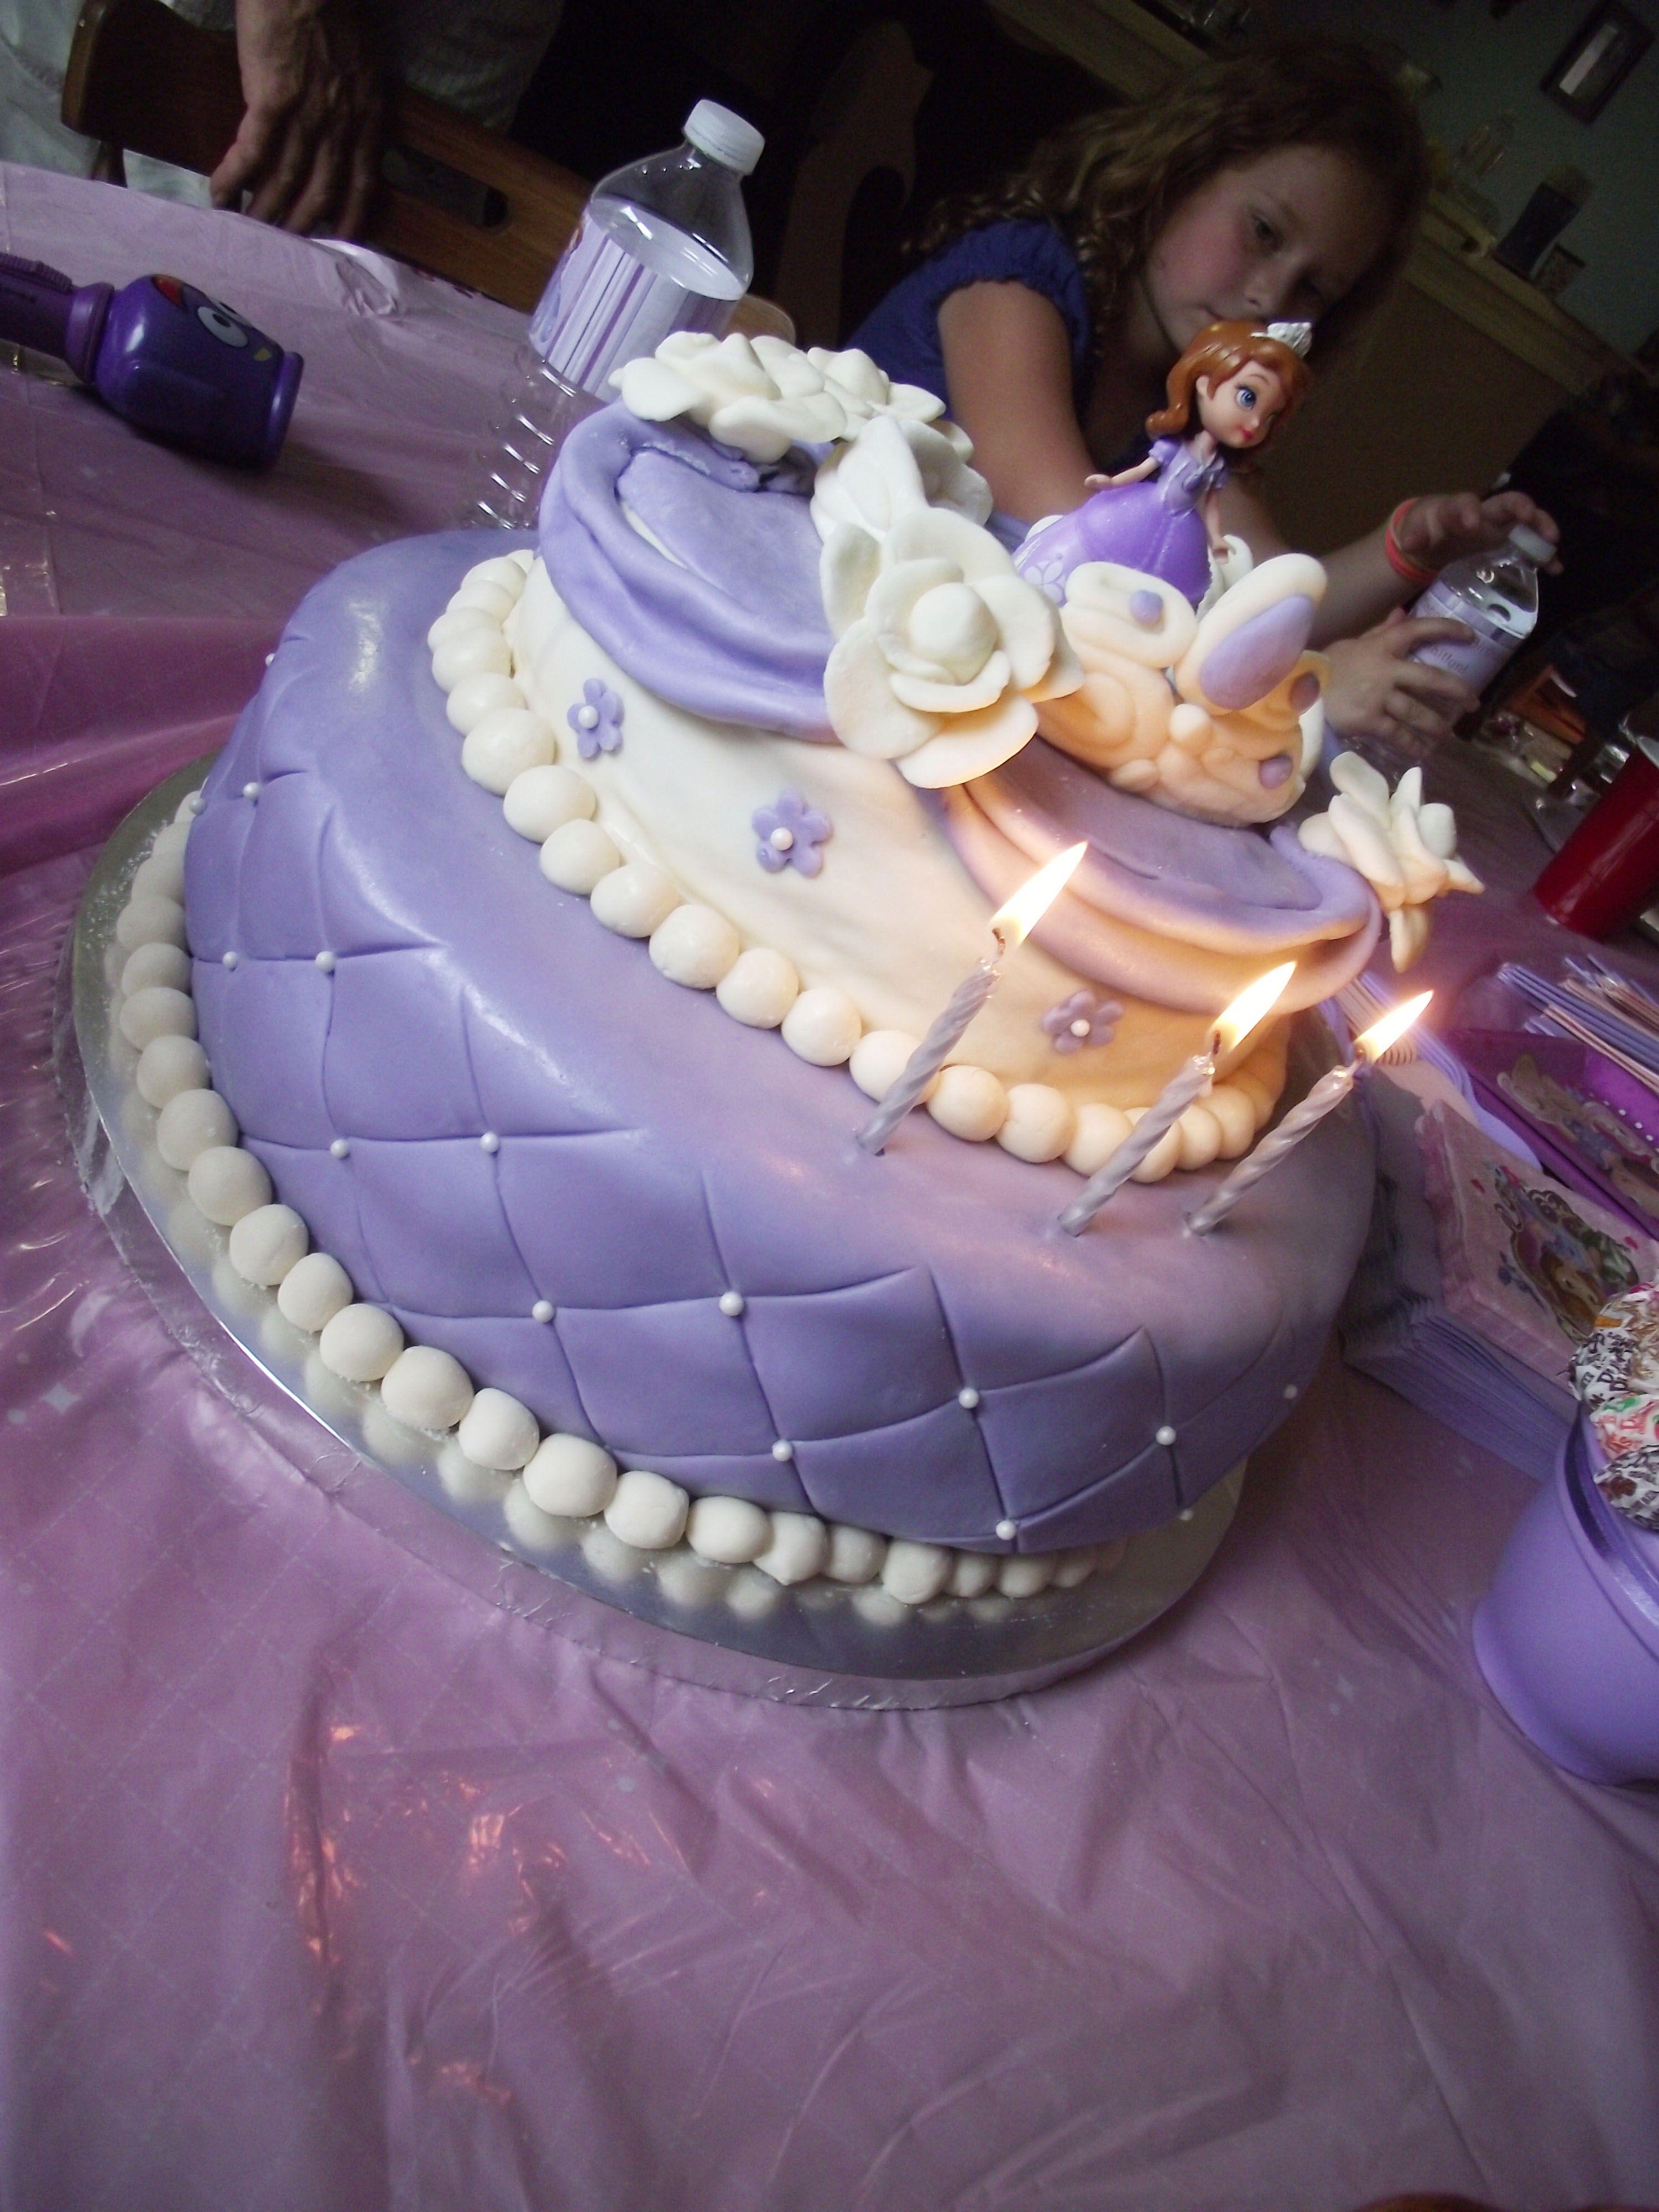 Princess Birthday Cake Images 2018 : DIY Sofia the First Party Princess sofia cake, Sofia ...